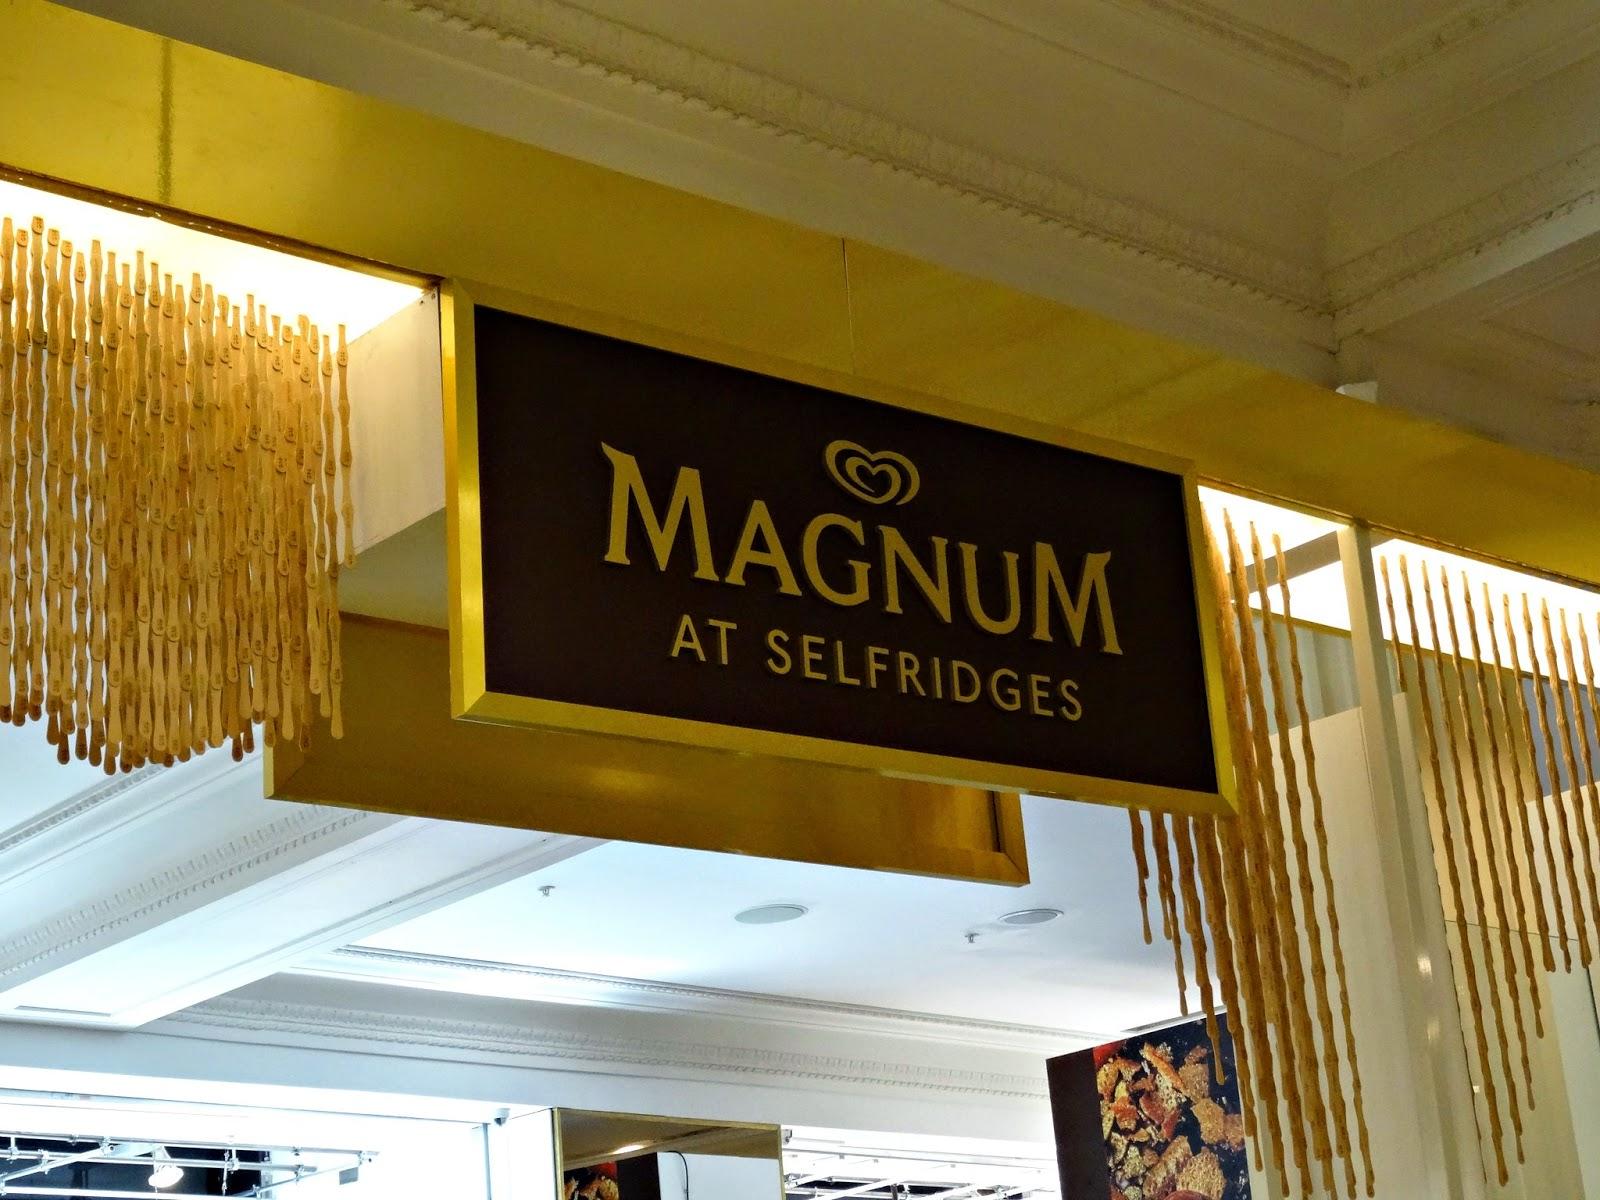 Magnum ice cream experience